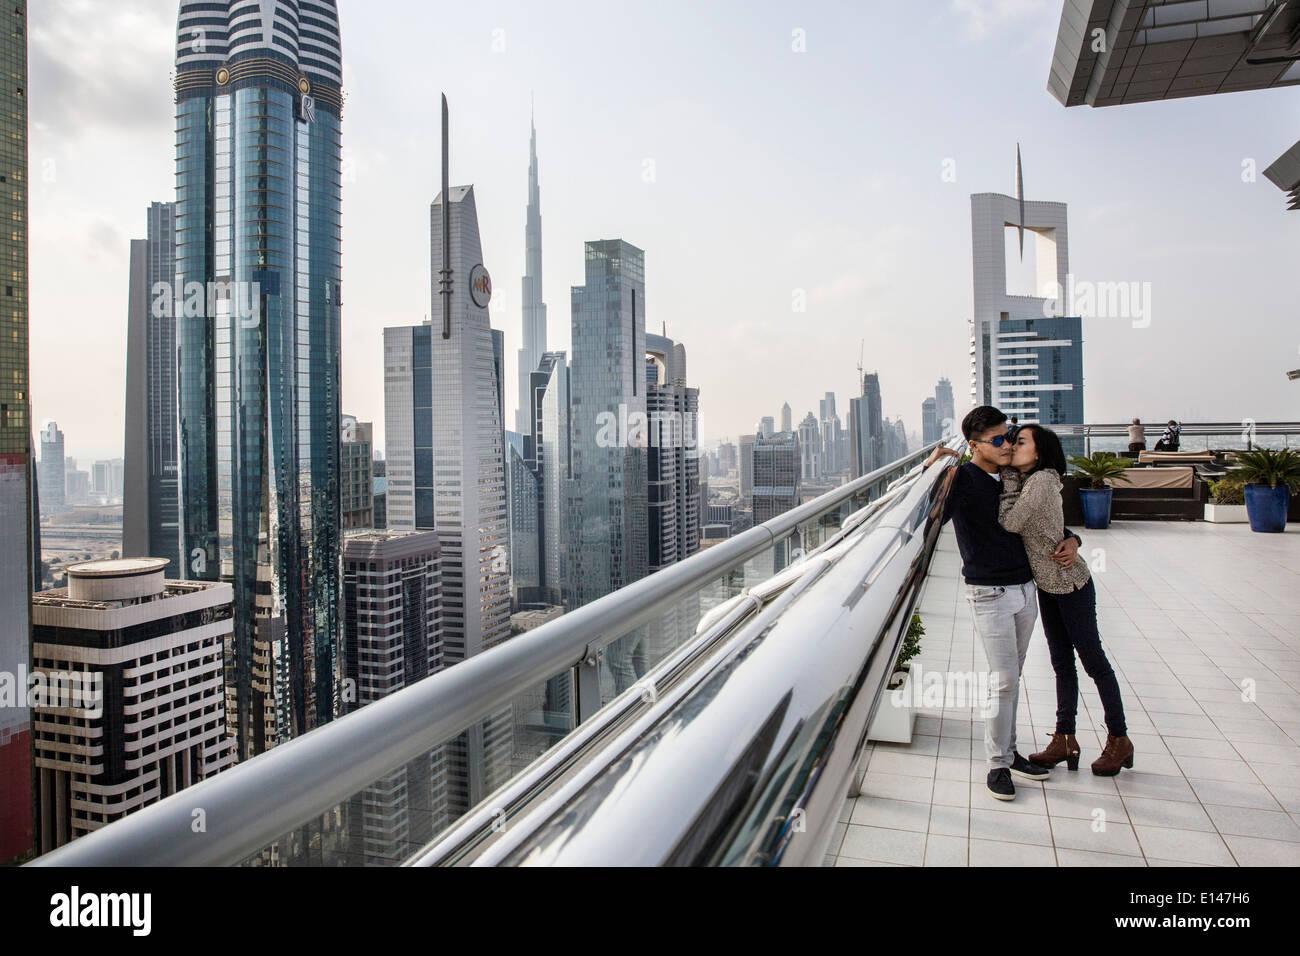 Vereinigte Arabische Emirate, Dubai, finanzielle Innenstadt mit Burj Khalifa, Asiatische paar küssen un-Dach Stockbild